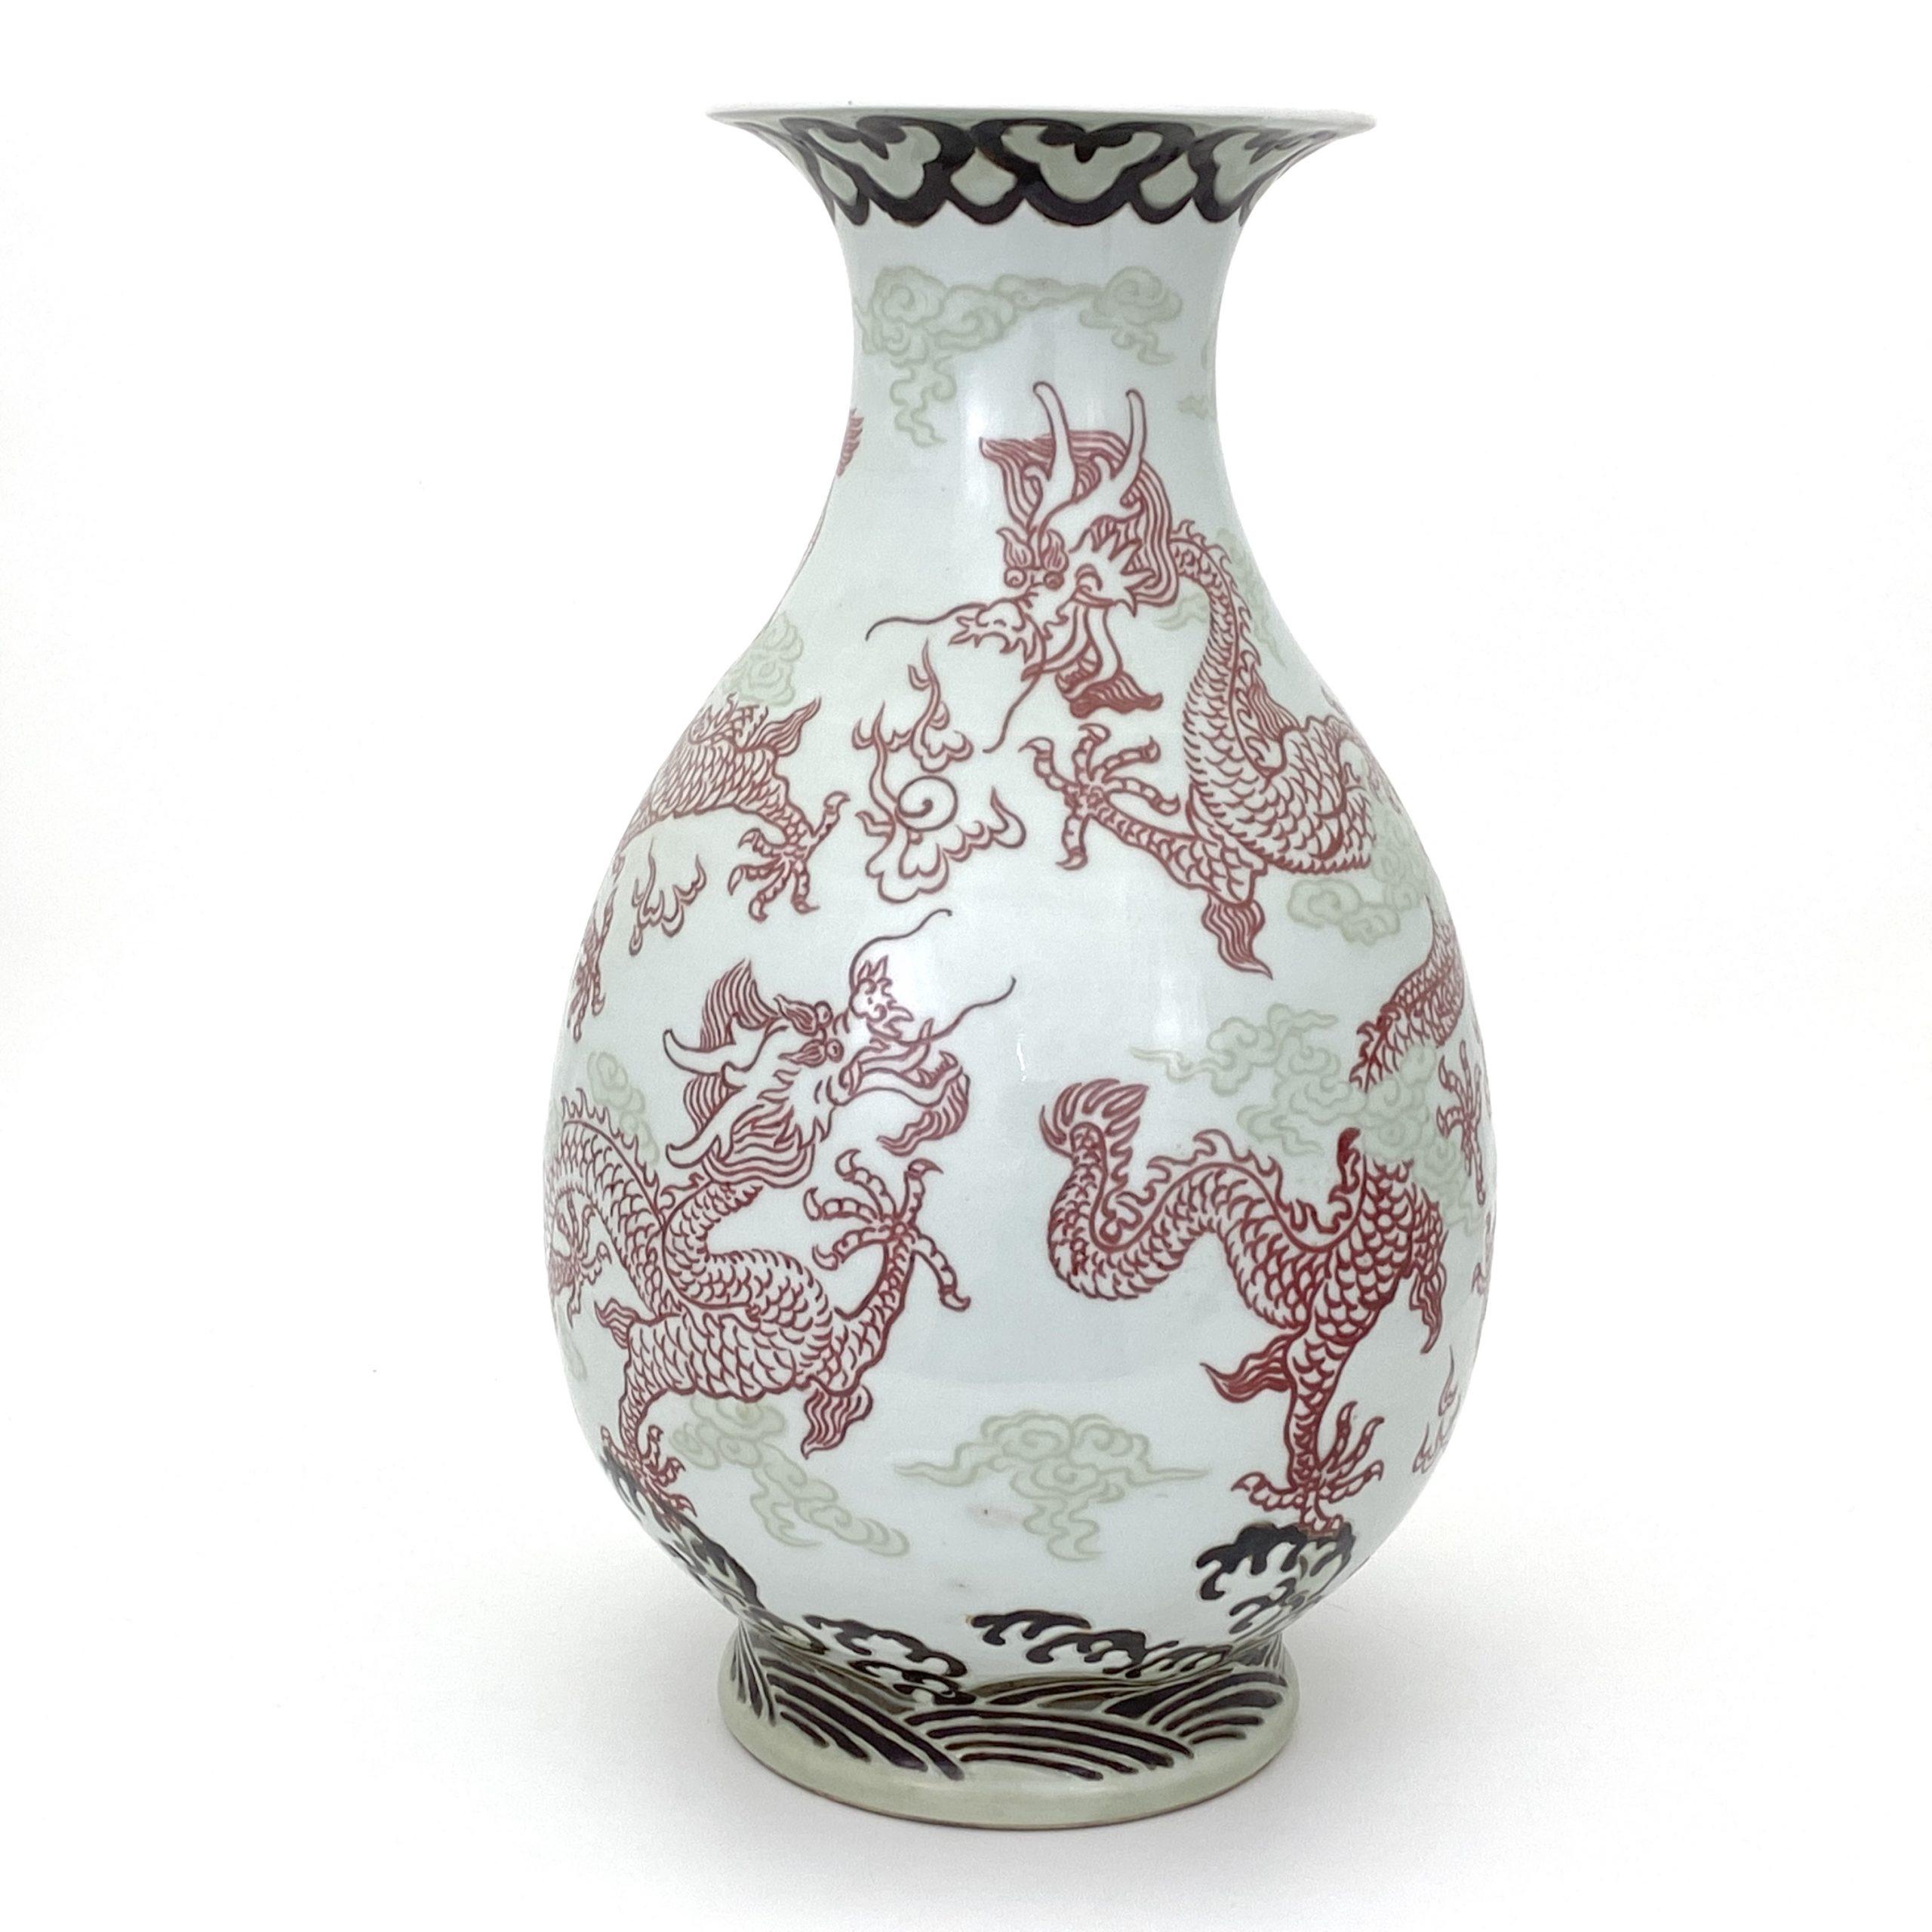 21060「大明嘉靖年製」款 釉裏紅 雲龍紋 瓶